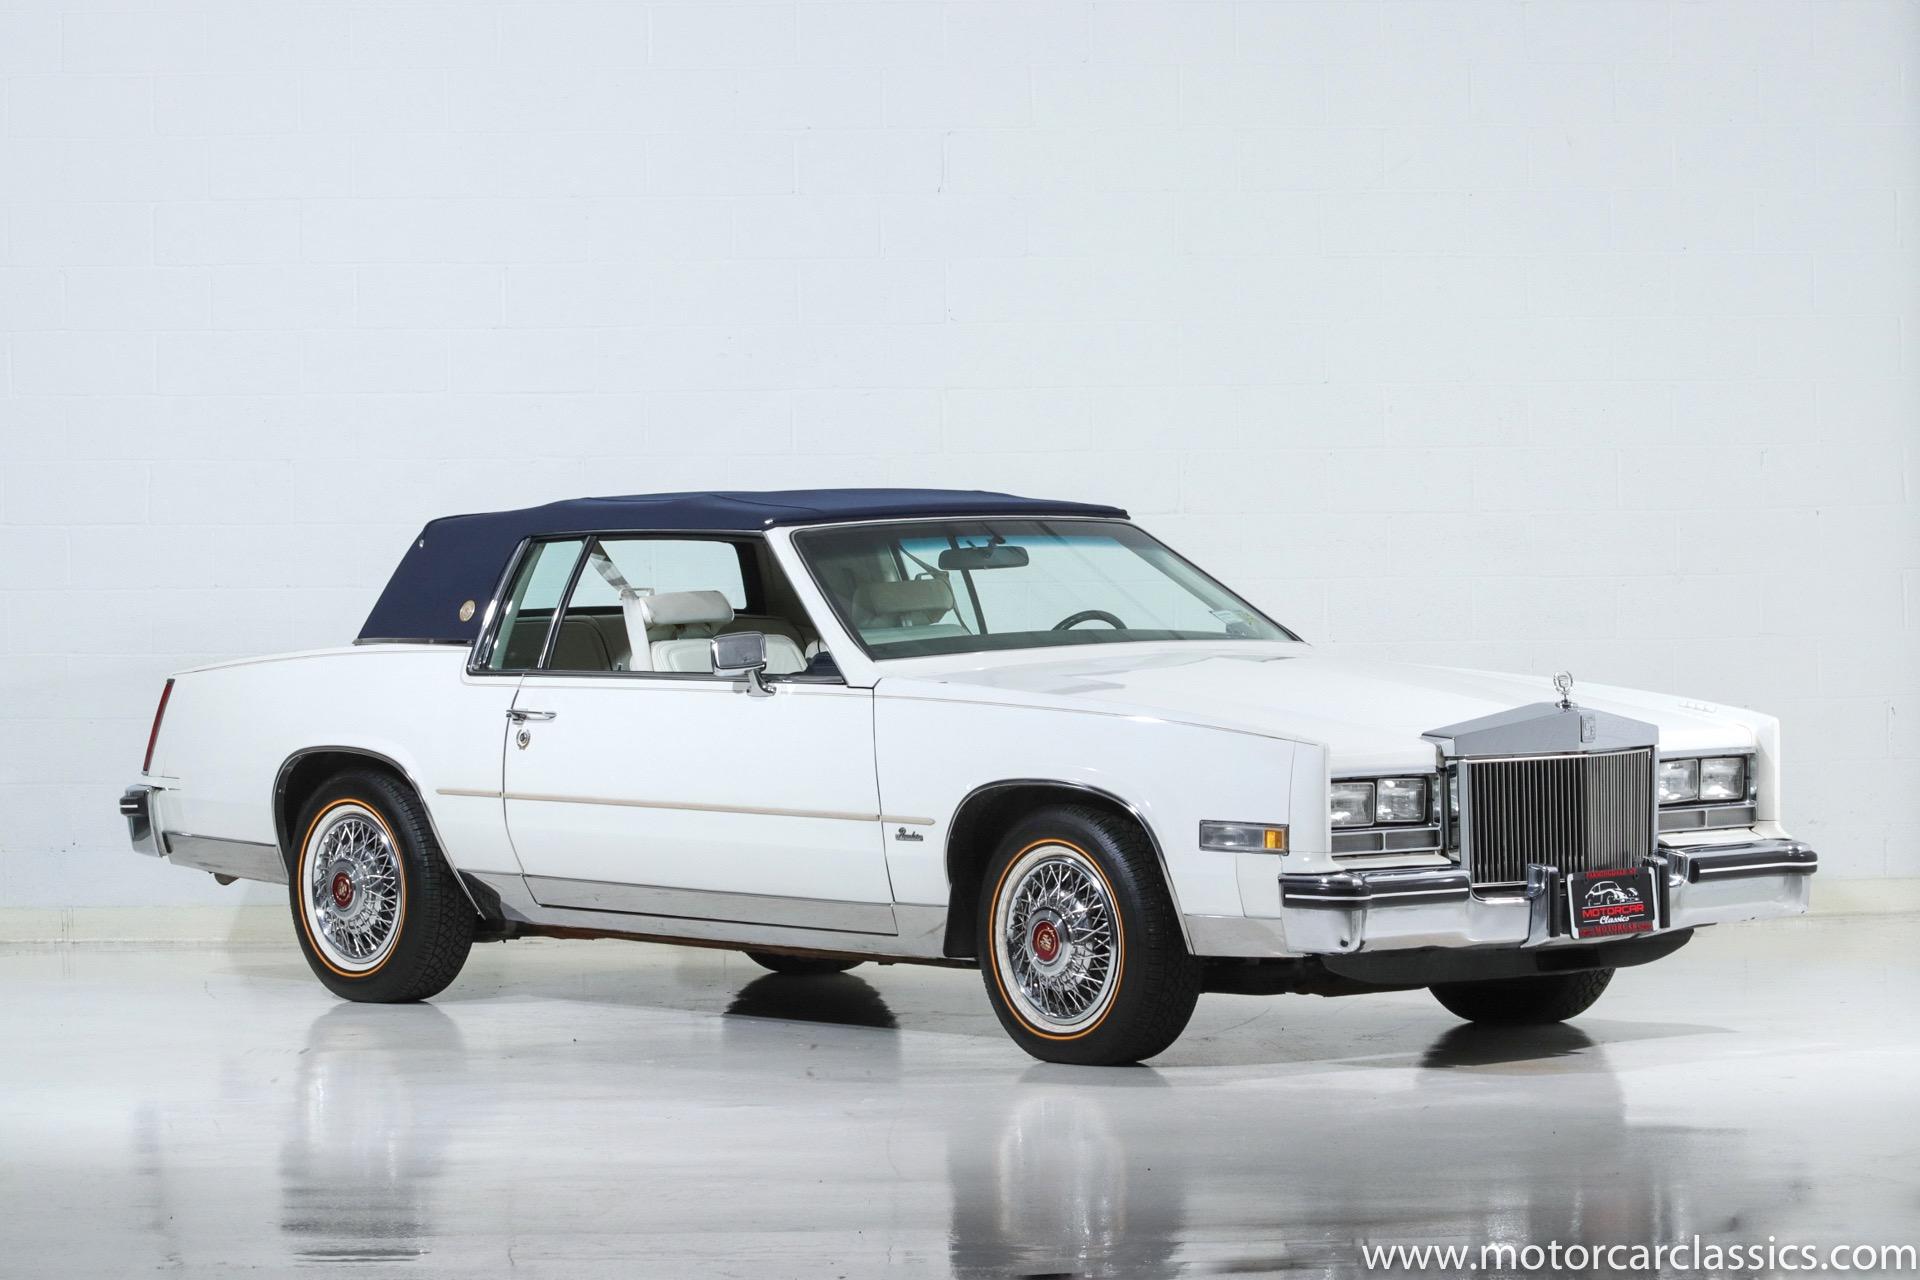 used 1985 cadillac eldorado commemorative edition for sale 12 900 motorcar classics stock 1396 used 1985 cadillac eldorado